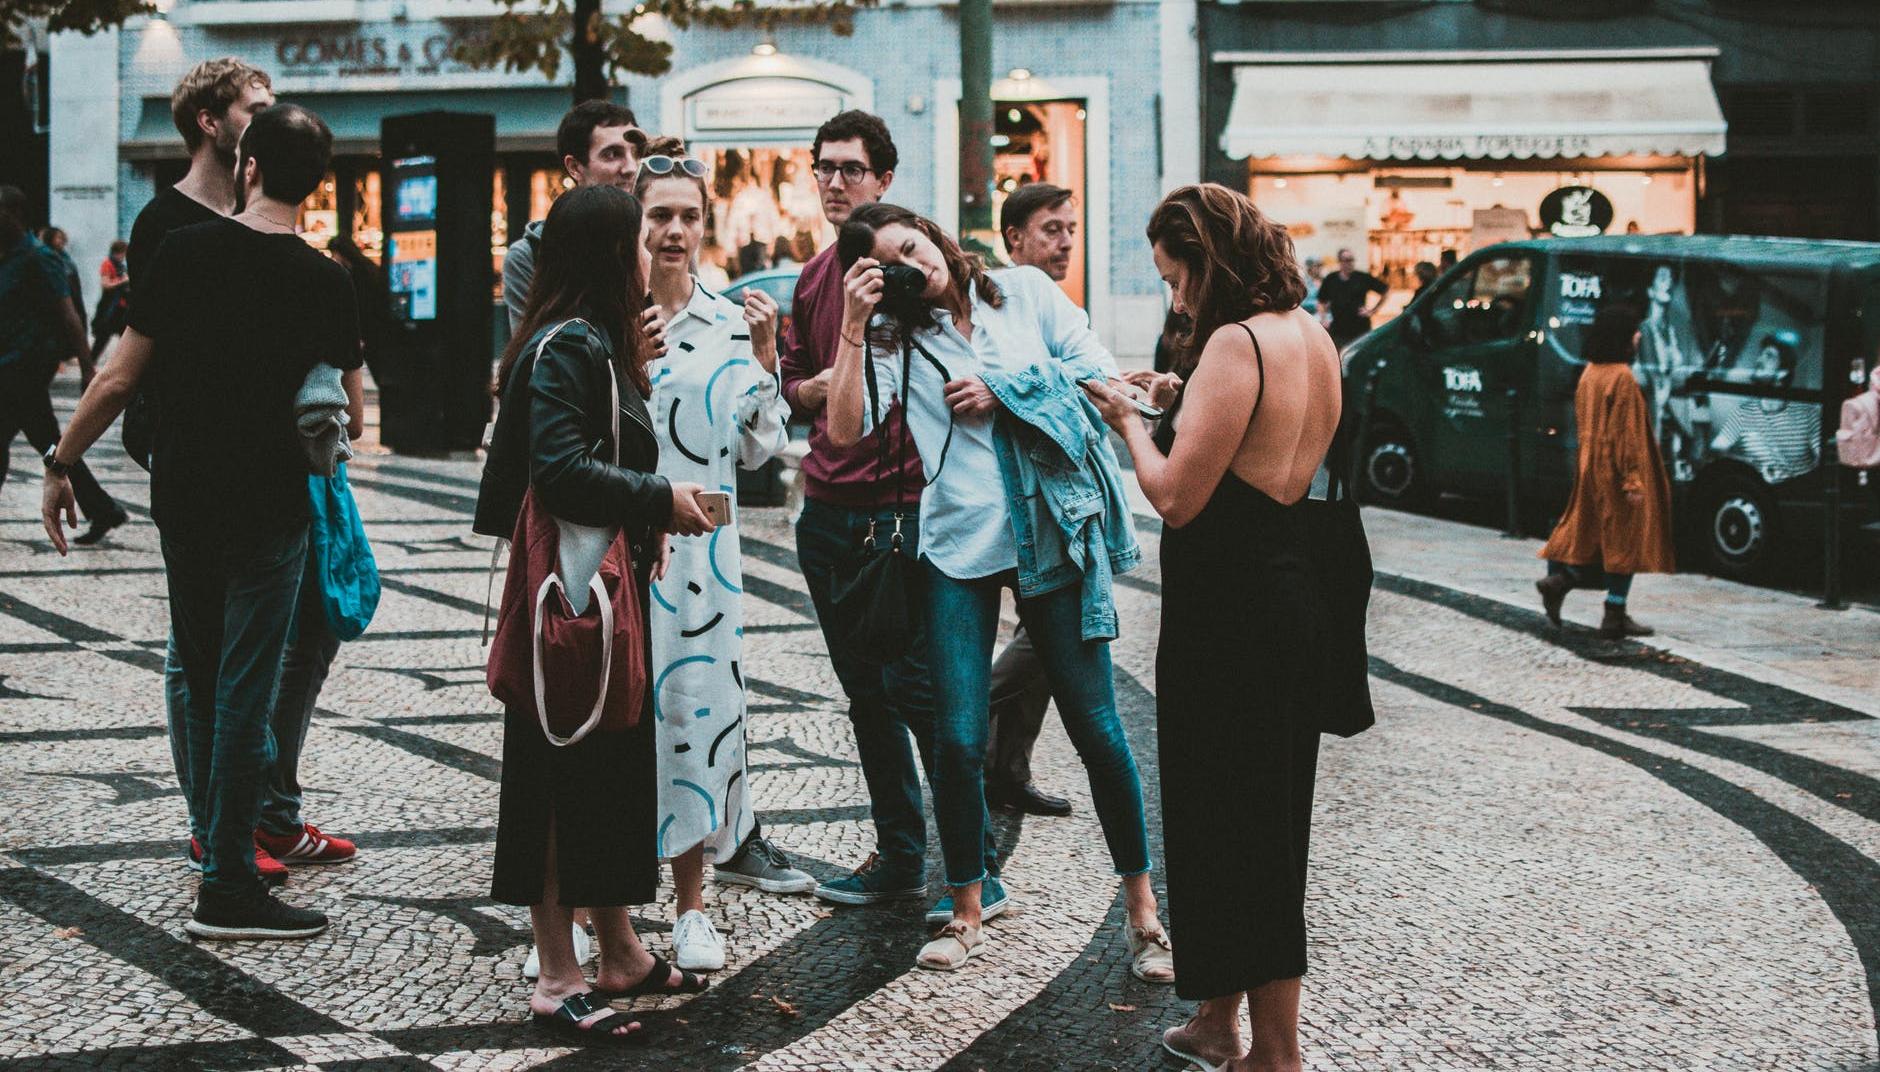 4 načina na koje ćete si olakšati razgovaranje s ljudima koje ne poznajete